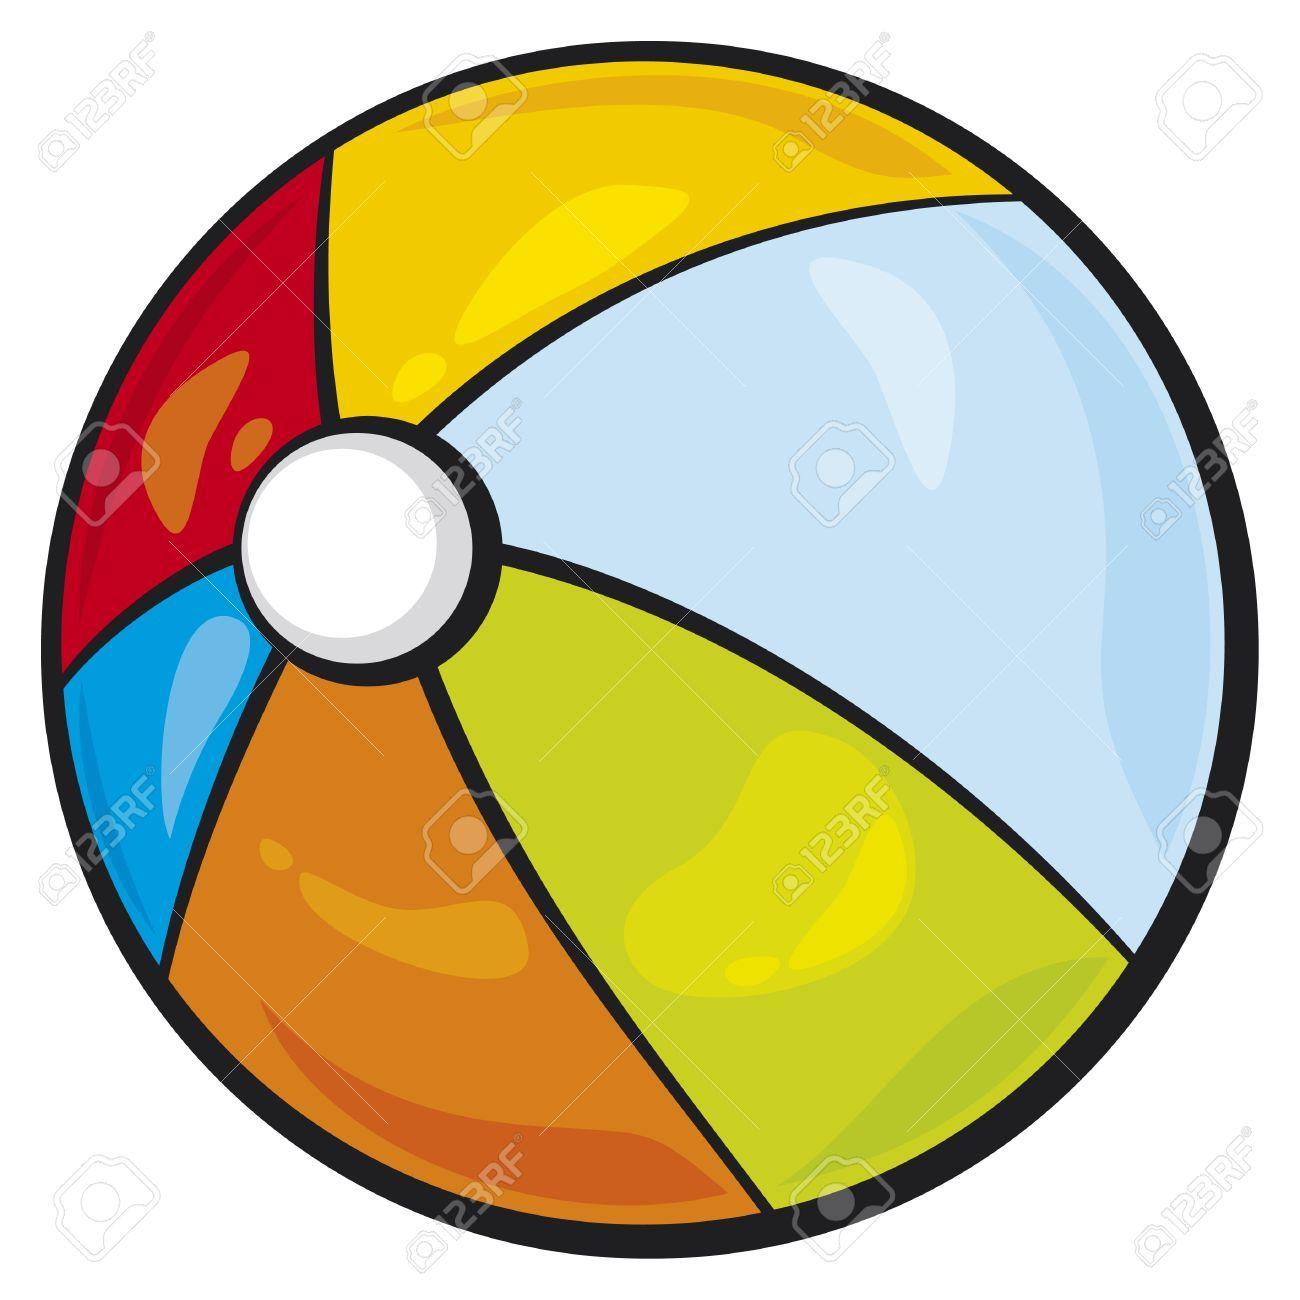 Resultado de imagen para dibujo de pelota | Pelota de playa ...